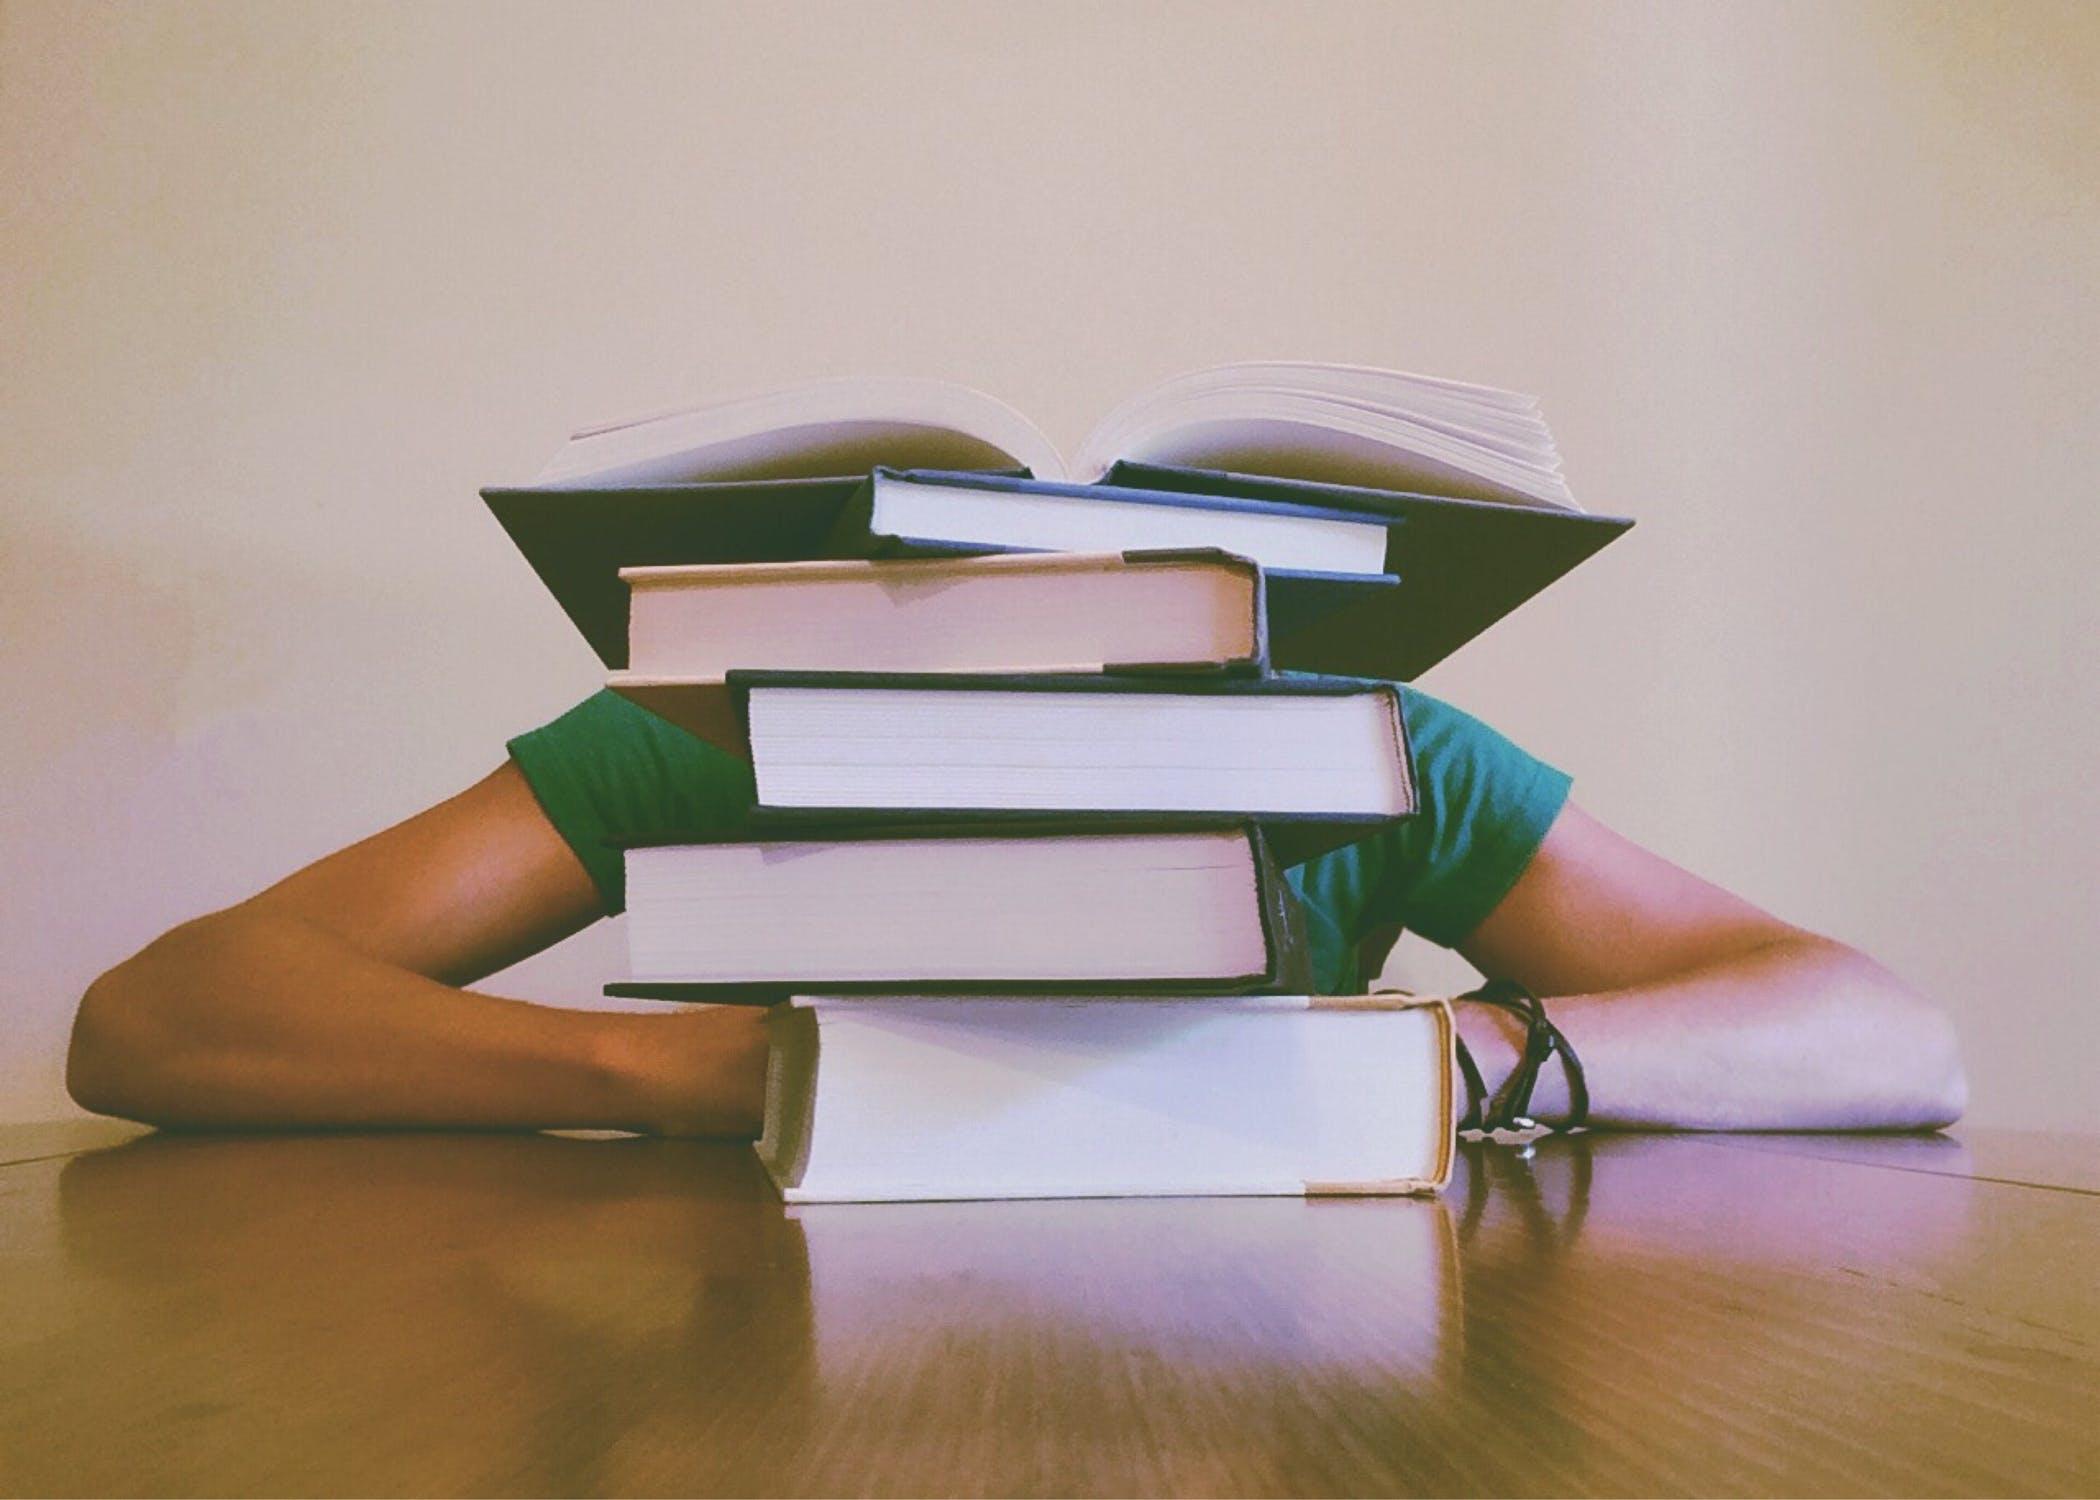 網路謠傳聰明藥能提升專注力 提升讀書的效率是真的嗎?